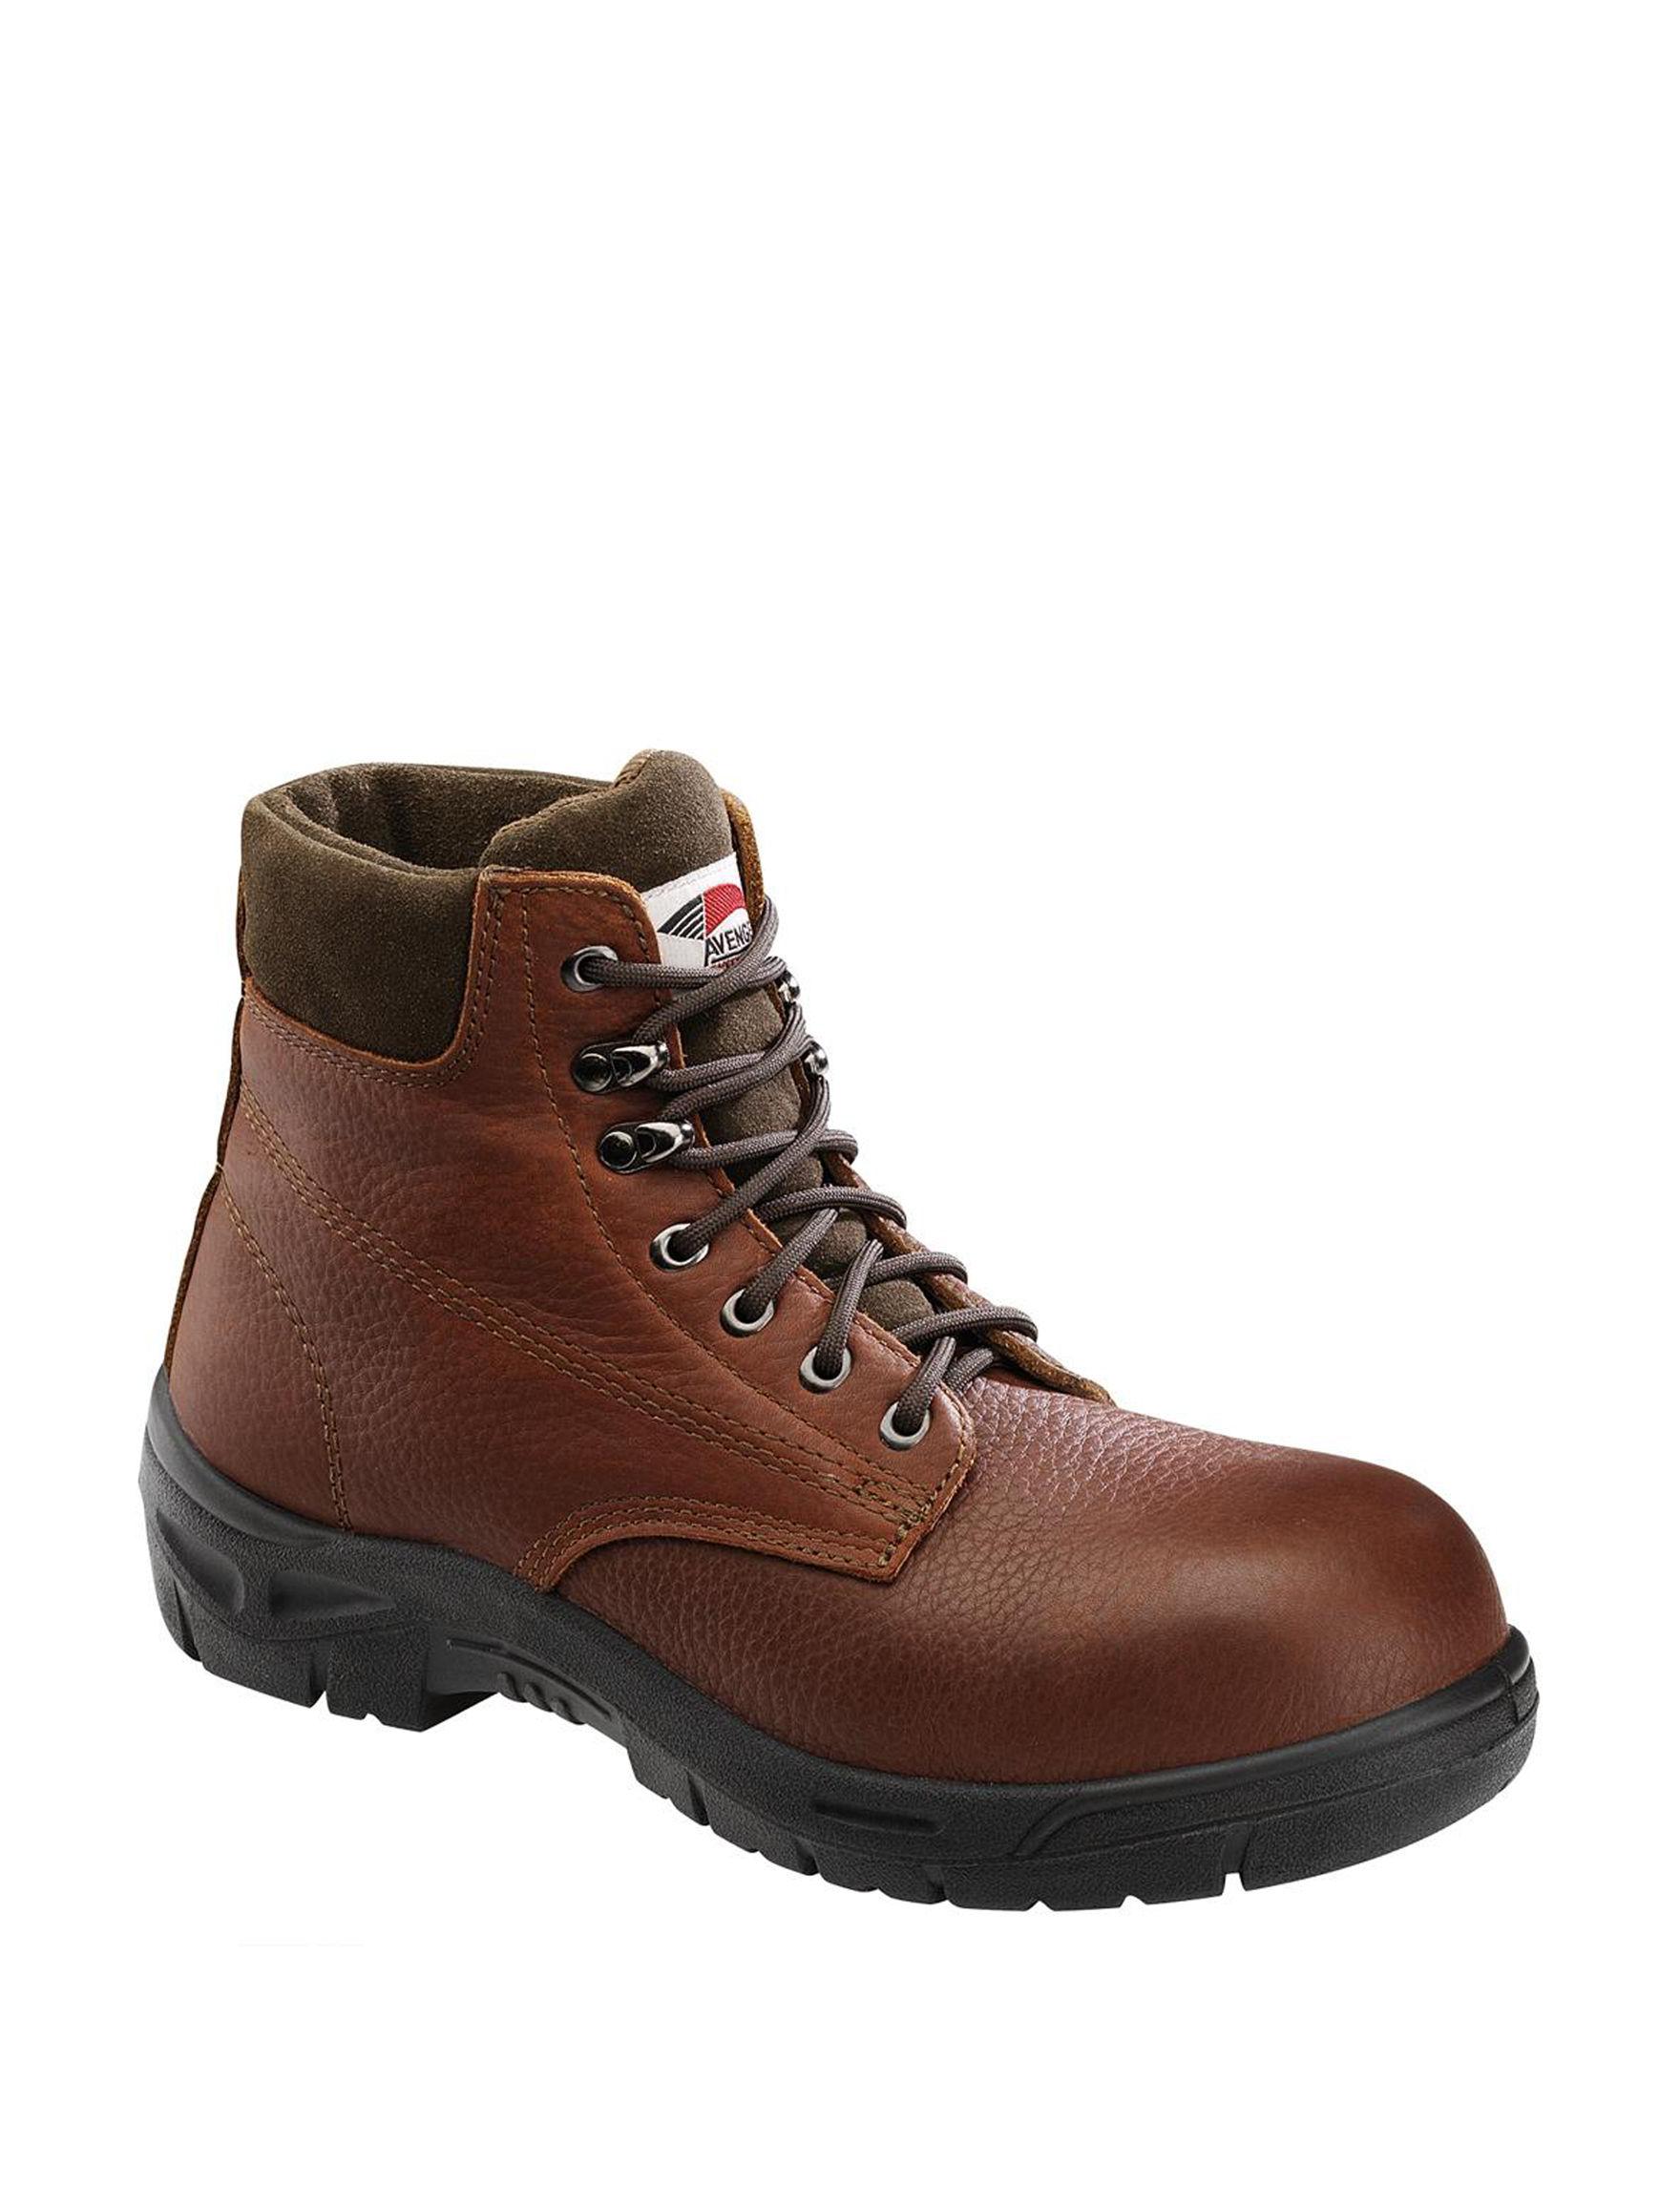 Avenger Brown Slip Resistant Steel Toe